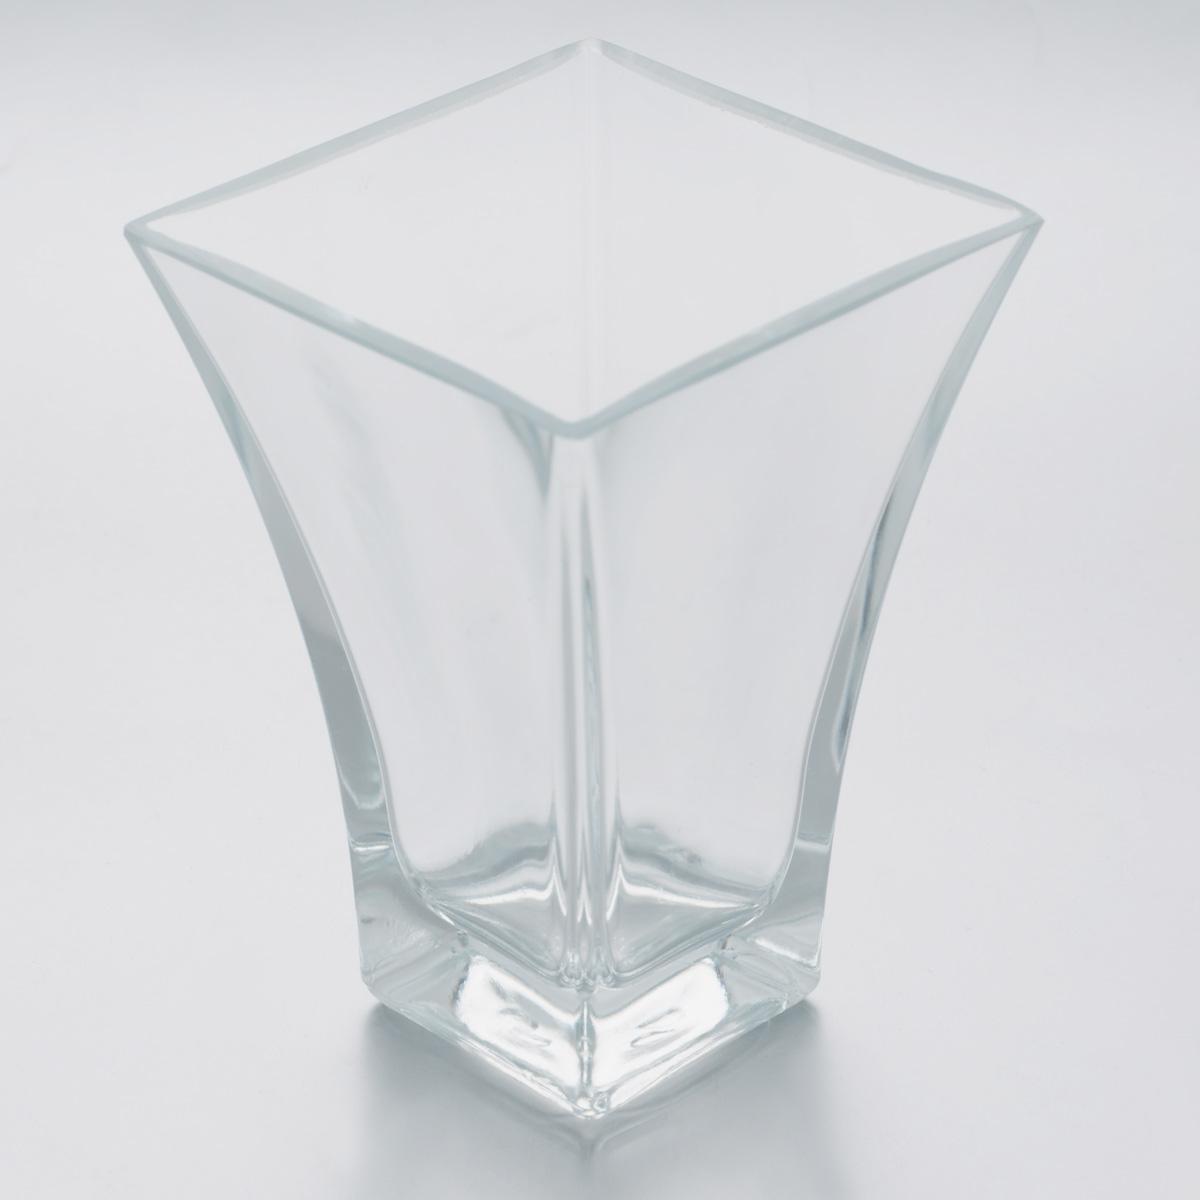 Ваза Pasabahce Botanica, высота 14 см. 80147B80147BВаза Pasabahce Botanica, выполненная из натрий-кальций-силикатного стекла, сочетает в себе изысканный дизайн с максимальной функциональностью. Такая ваза подойдет для декора интерьера. Кроме того - это отличный вариант подарка для ваших близких и друзейМожно мыть в посудомоечной машине. Размер вазы по верхнему краю: 9,5 х 9,5 см.Высота: 14 см.